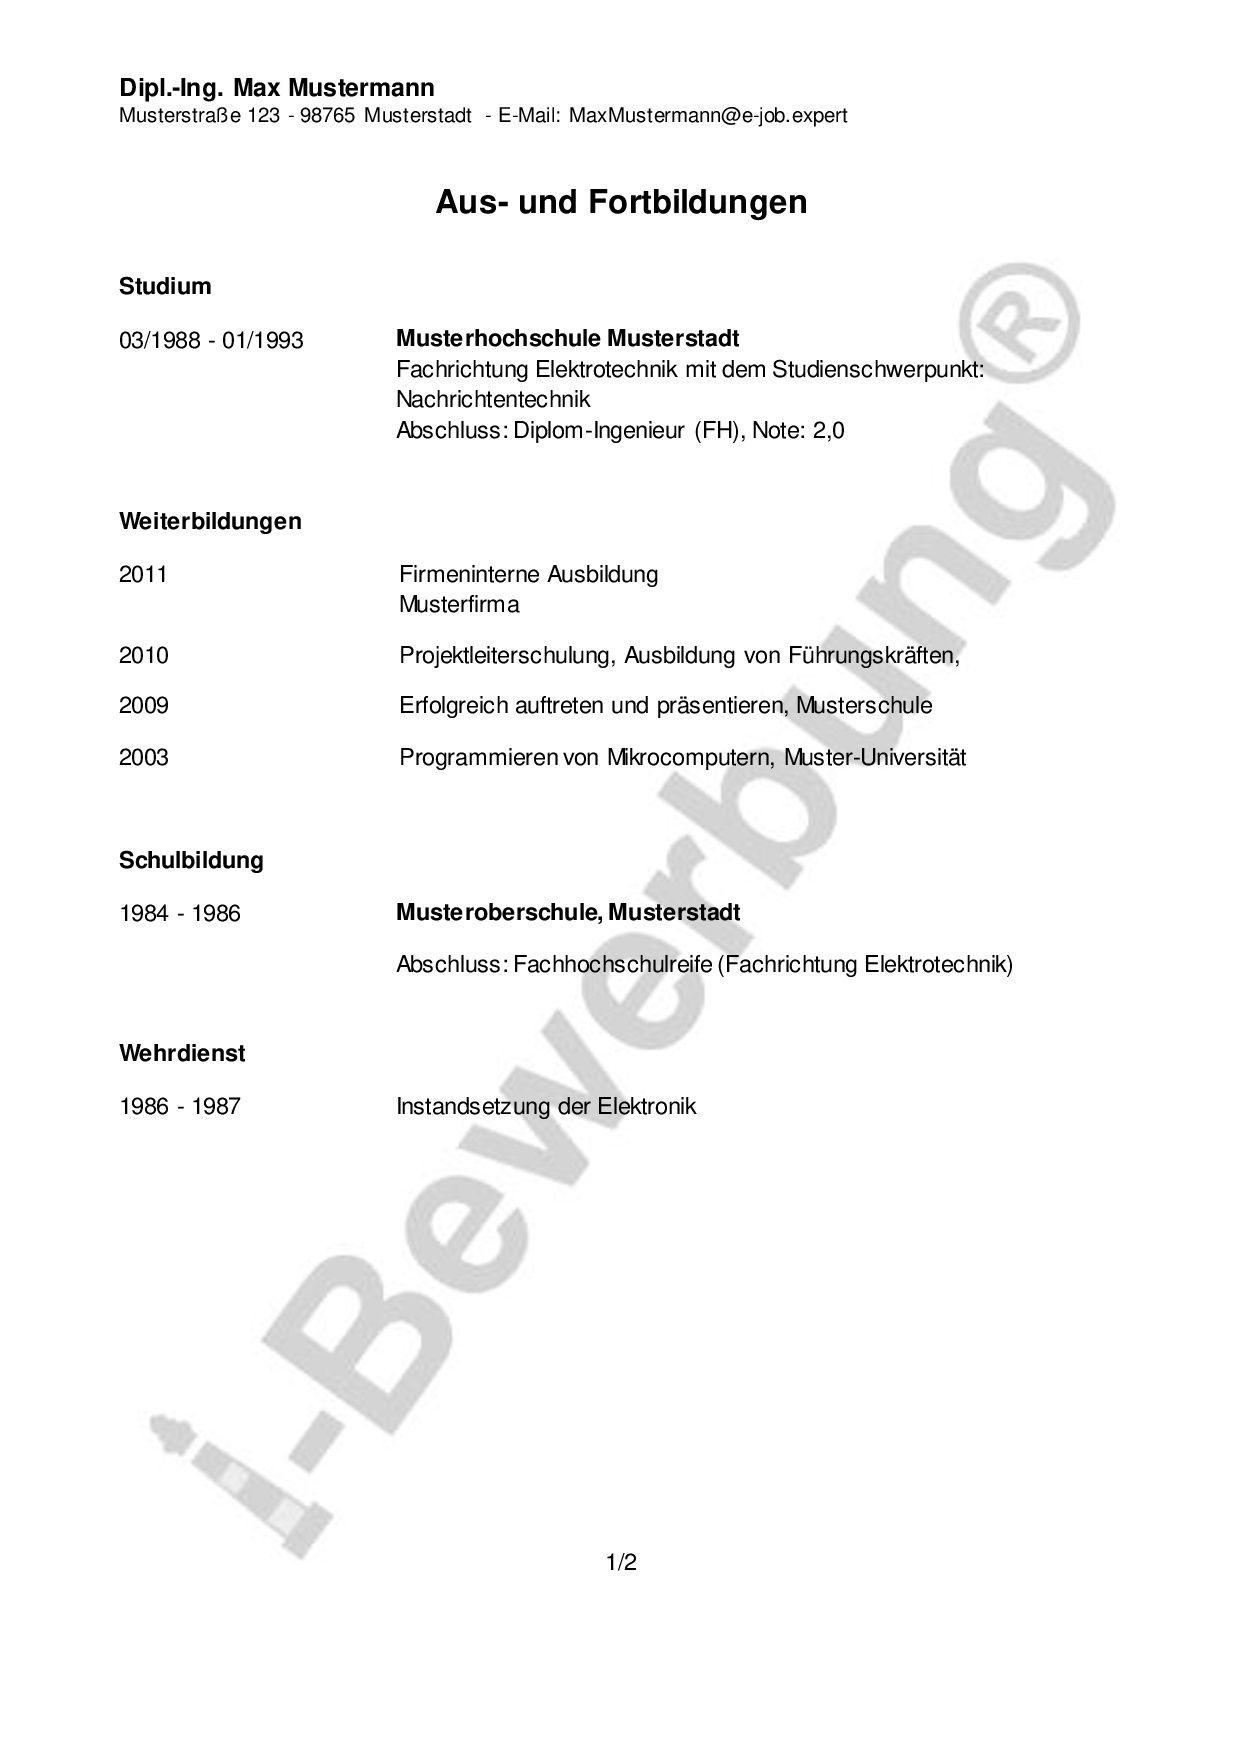 Initiativbewerbung Als Projektleiter Qualifikationsprofil Beispiel Diplom Ingenieur Bewerbung Weiterbildung